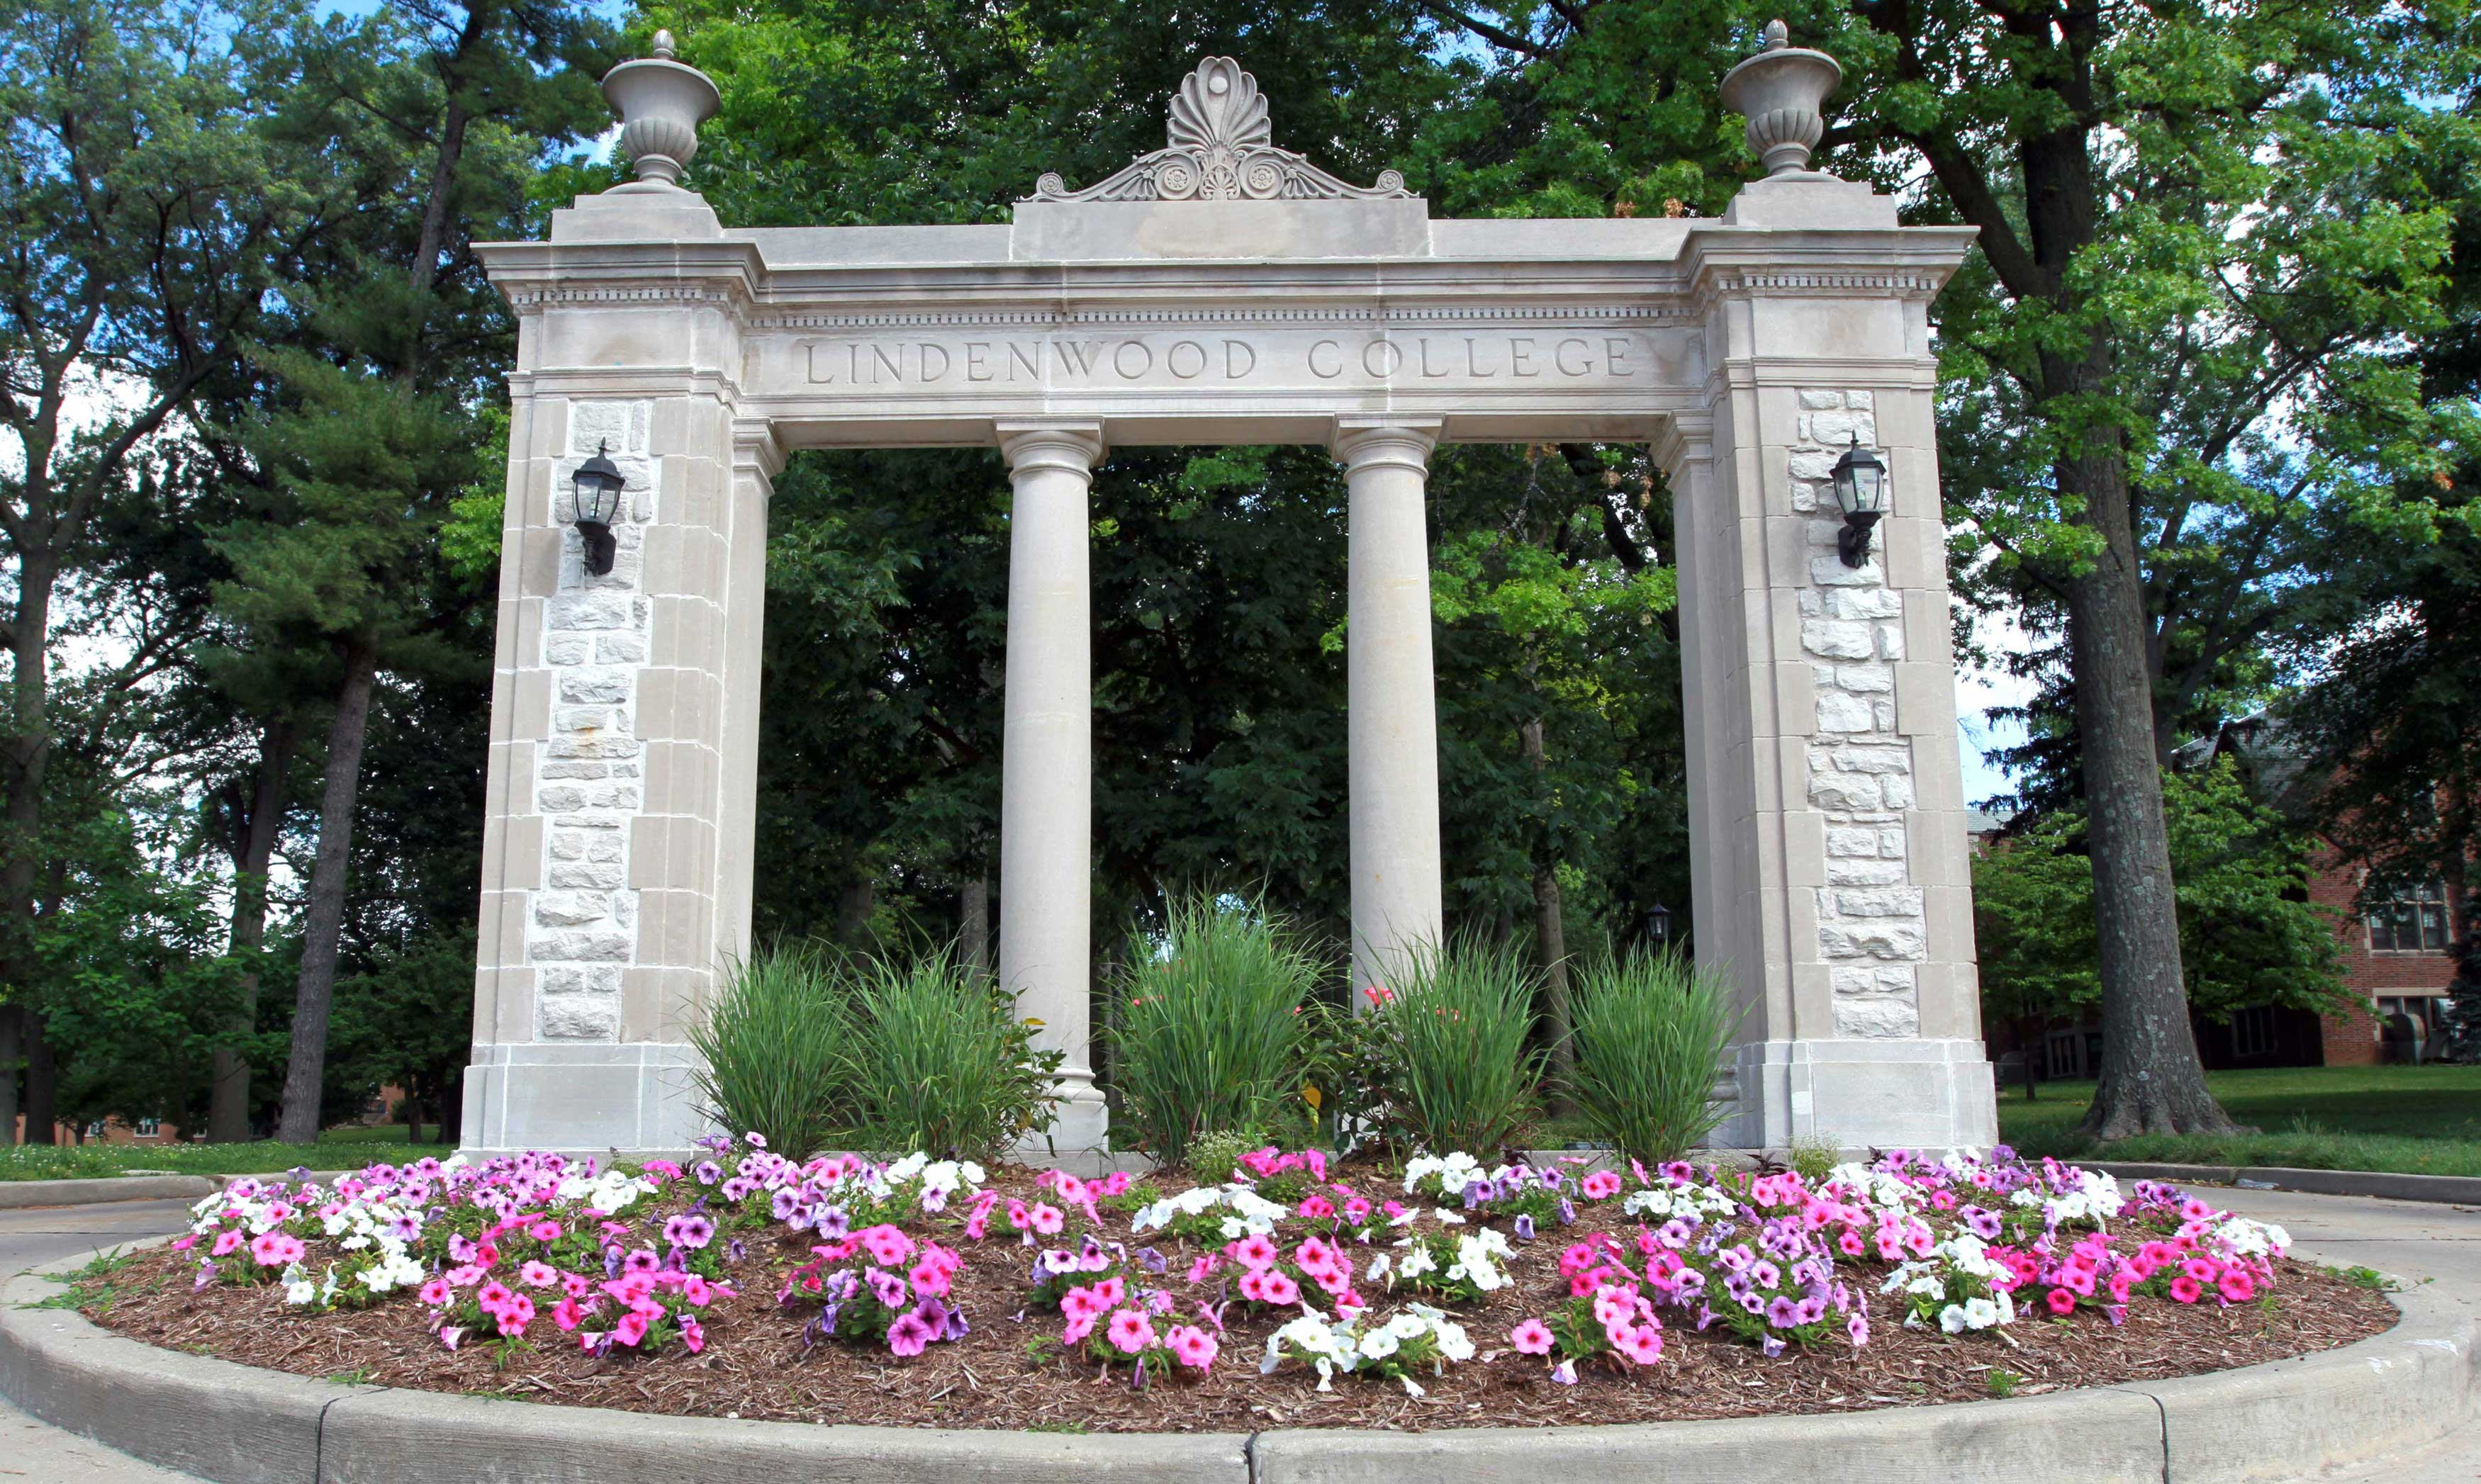 Lindenwood - Alumnae Gate